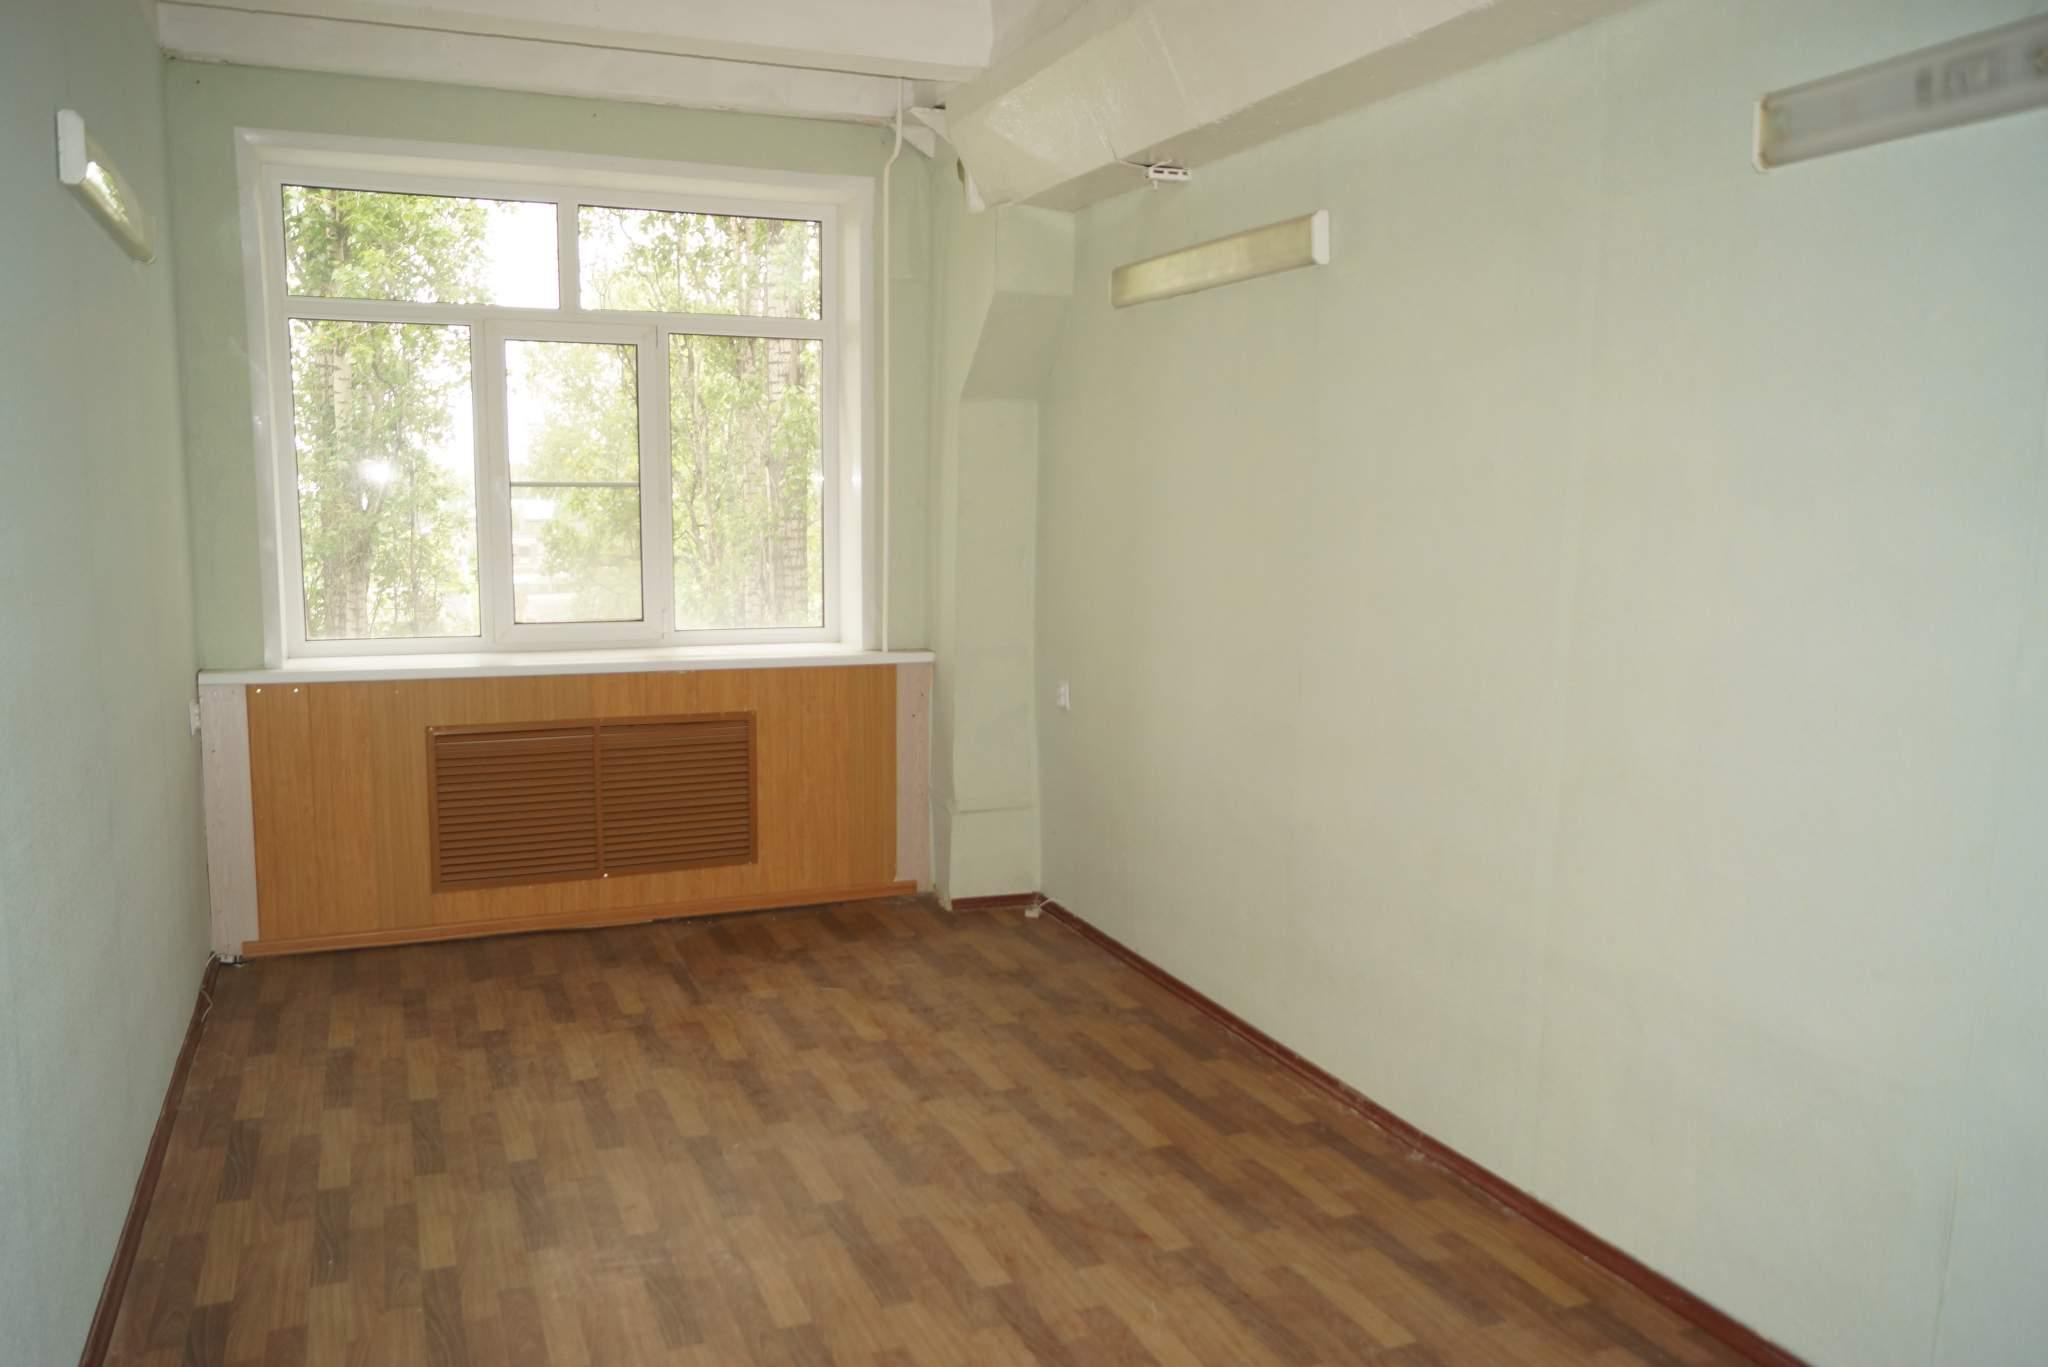 Офисные Помещения в аренду по адресу Россия, Саратовская обл, Саратов, Большая Садовая улица, 141